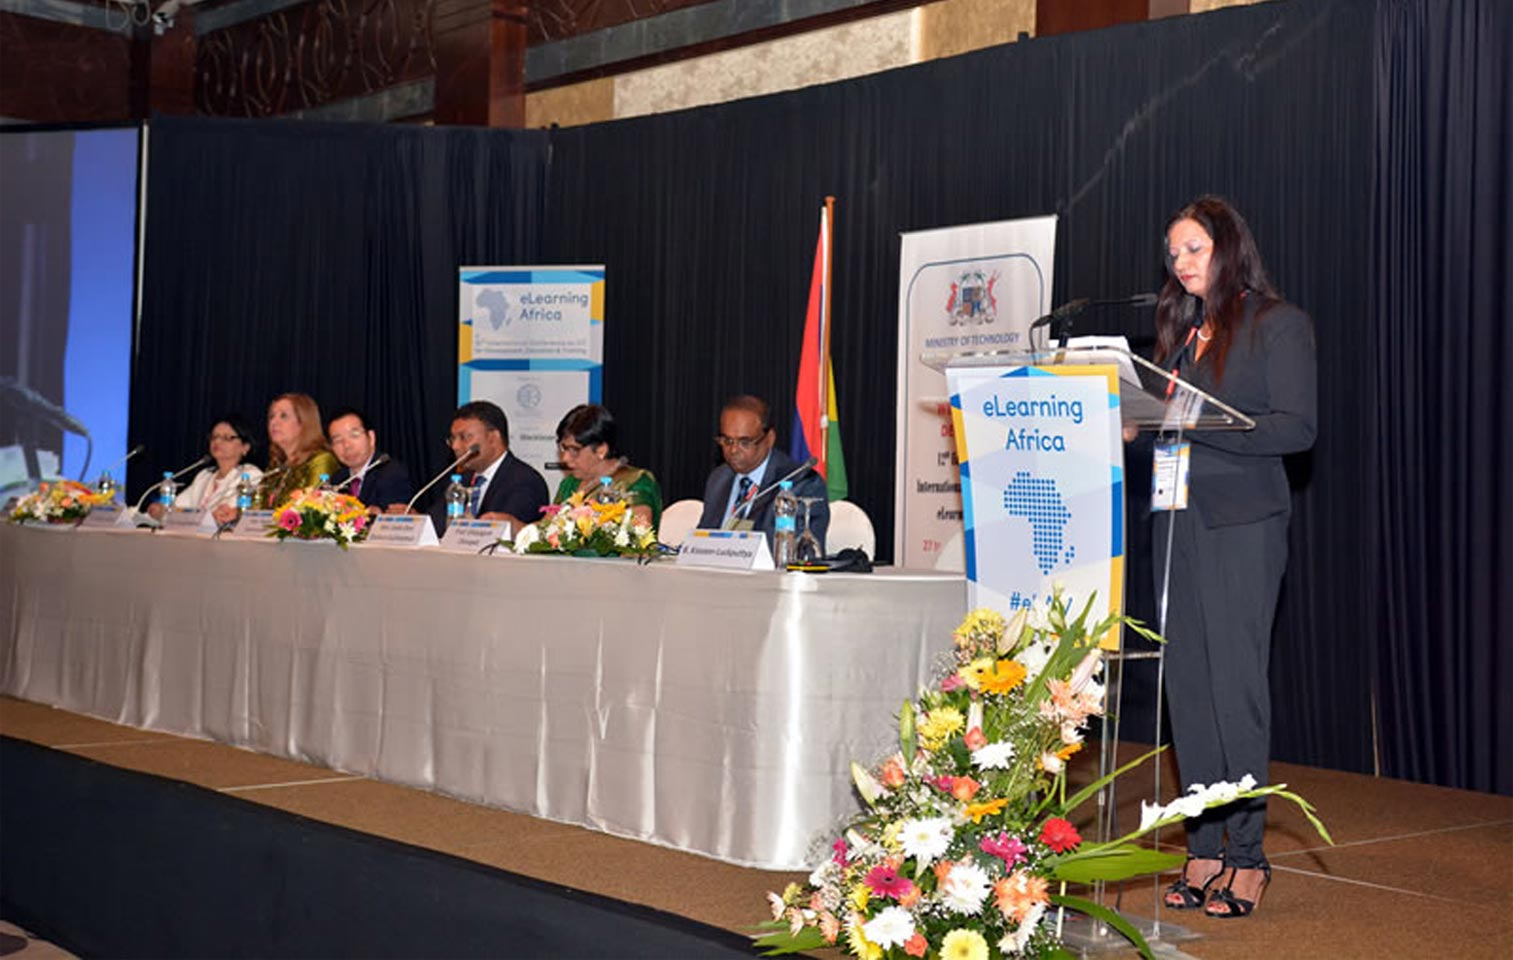 eLearning Africa : rendez-vous en septembre pour la plus grande conférence africaine sur les TIC !